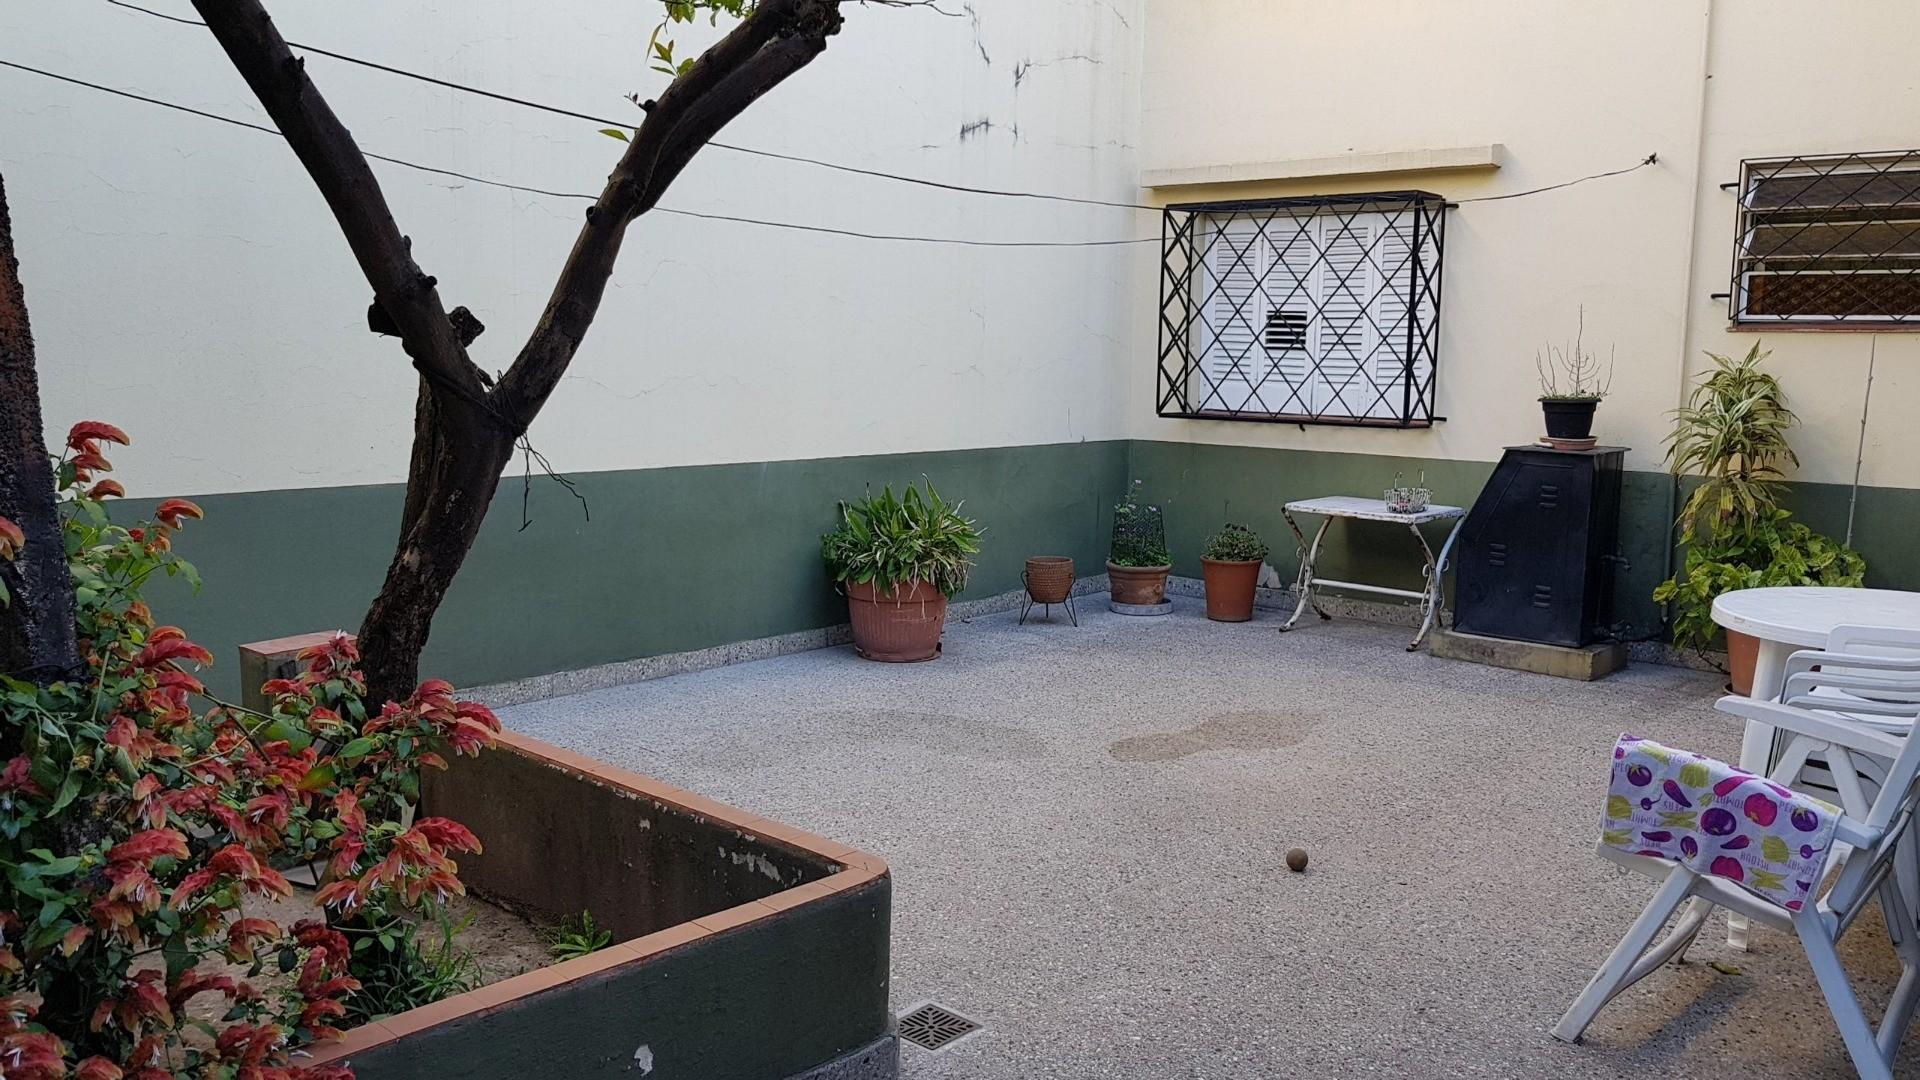 CASA 5 AMBIENTES EN 2 PLANTAS CON JARDÍN, COCHERA, FONDO LIBRE, SOBRE AVENIDA MITRE Y GRAN VIDRIERA  - Foto 21